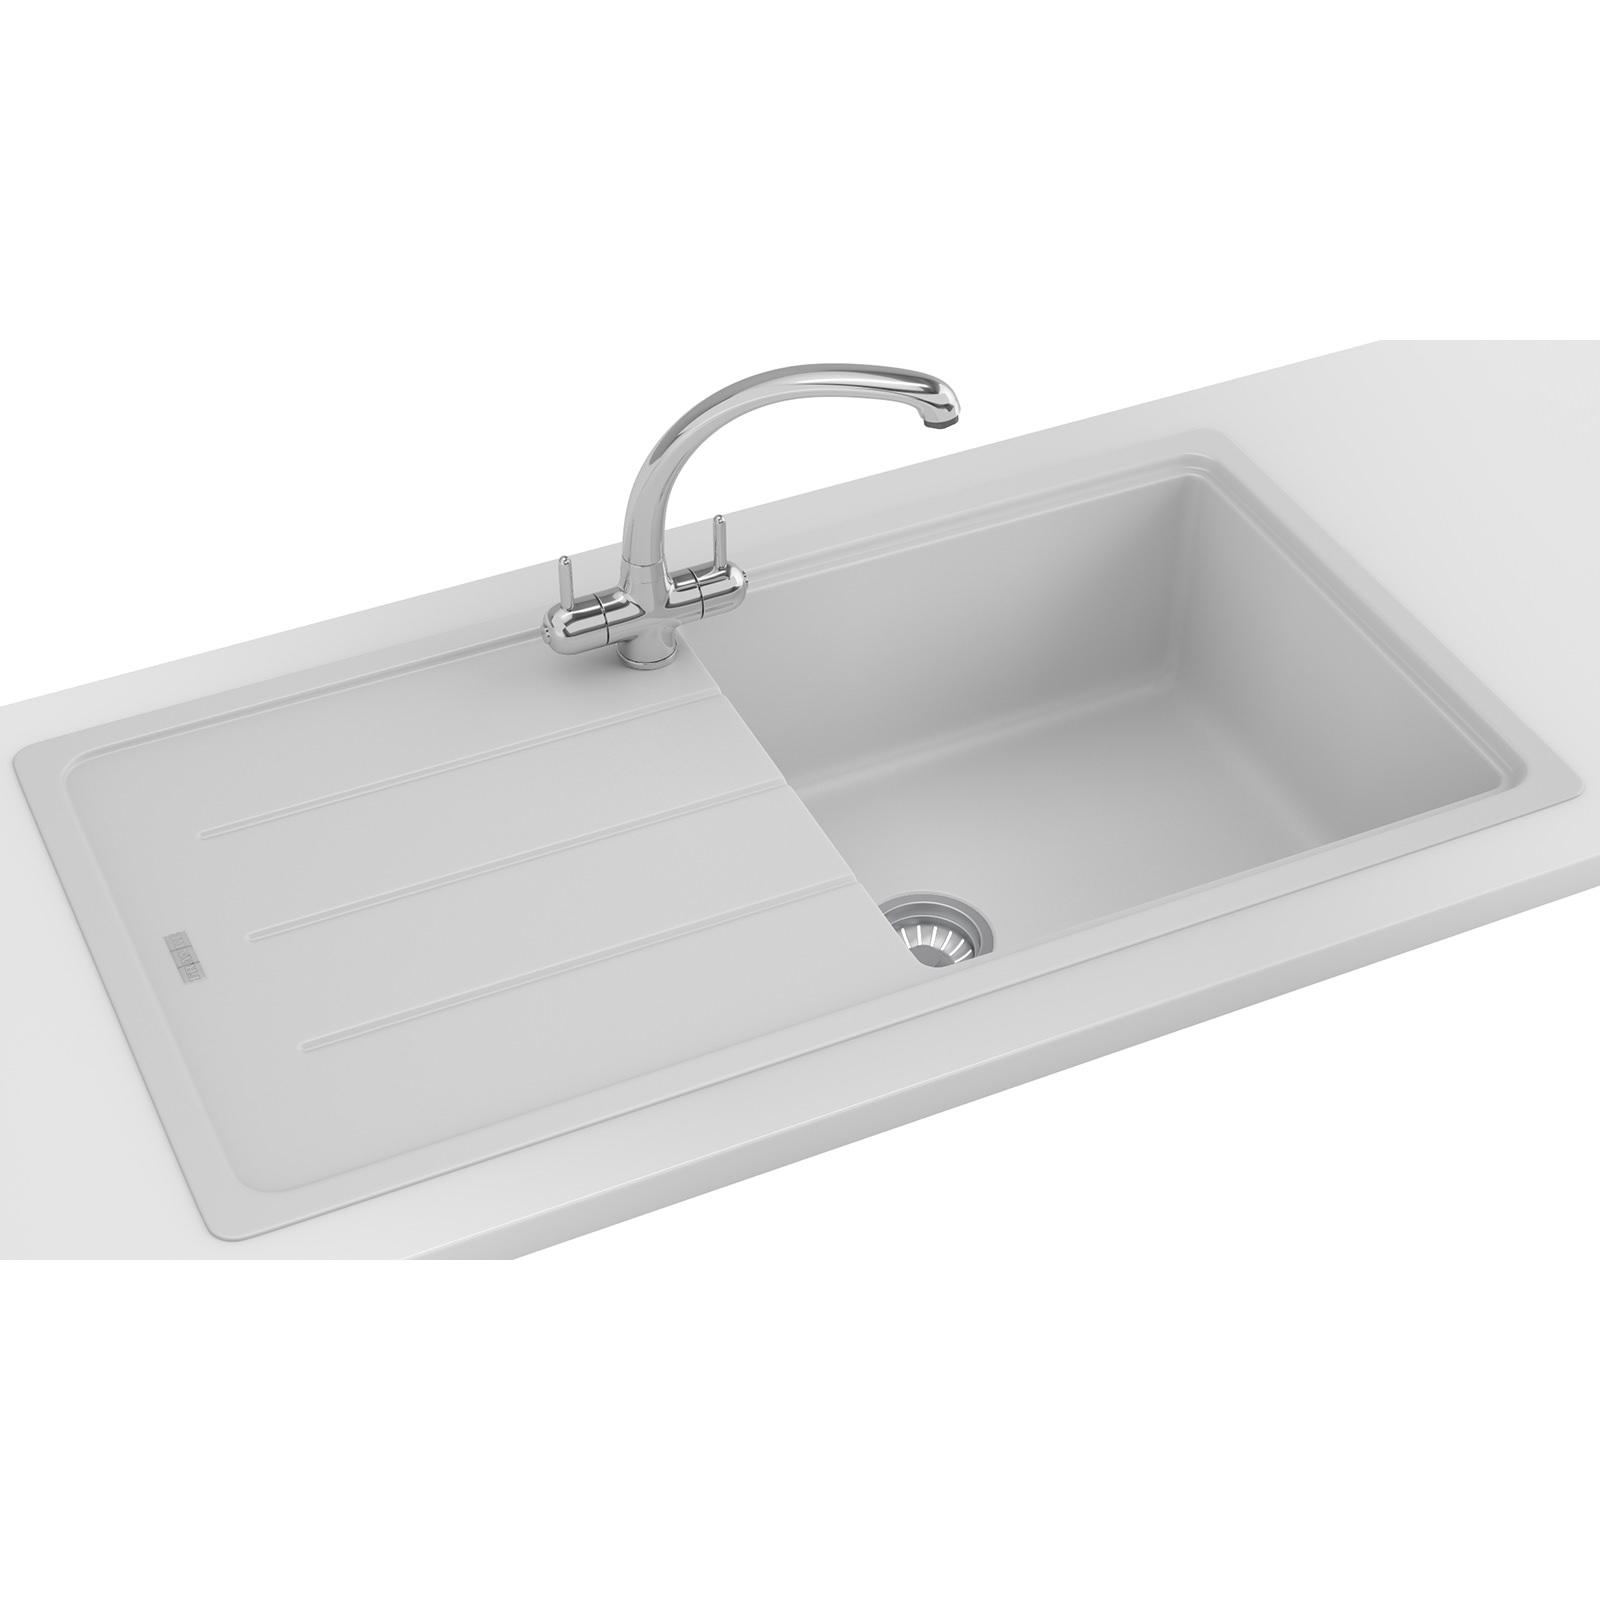 Franke basis propack bfg 611 970 fragranite polar white for Franke sinks